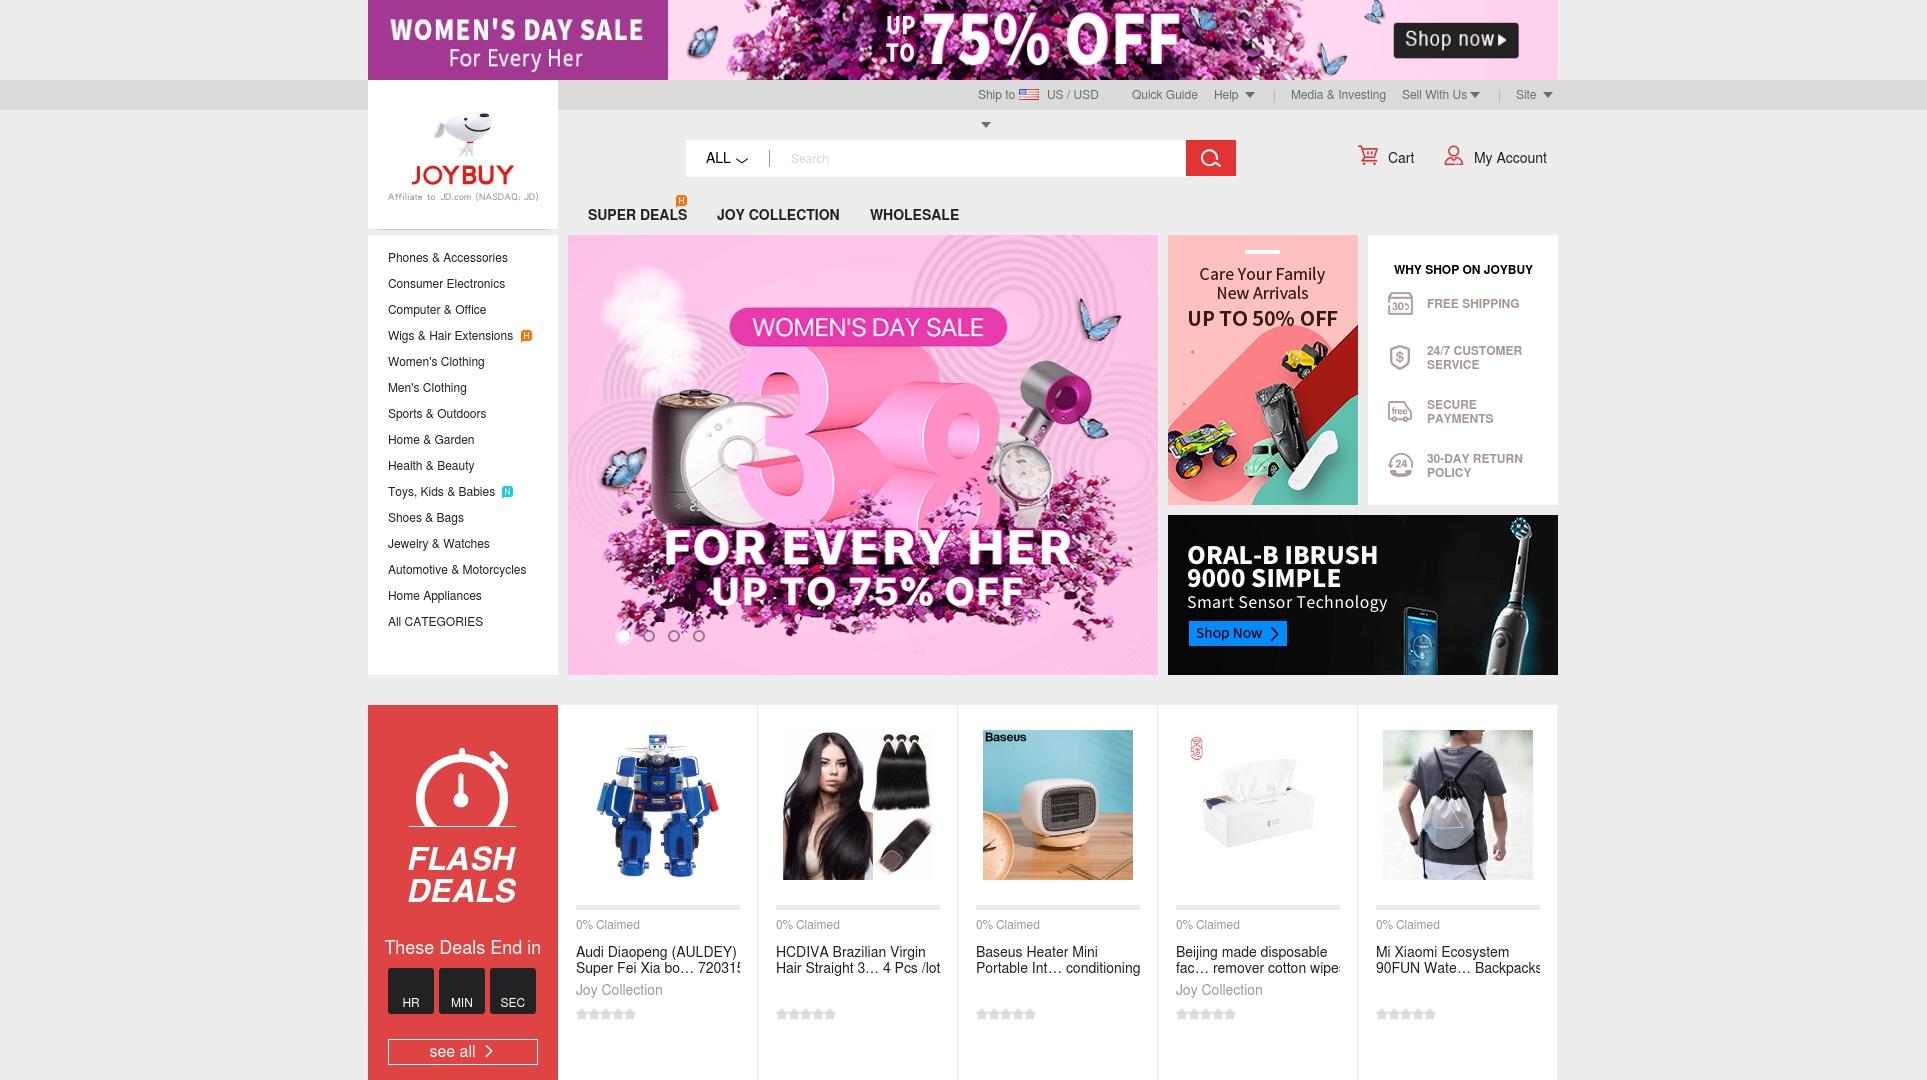 Geld zurück bei Joybuy: Jetzt im Oktober 2021 Cashback für Joybuy sichern